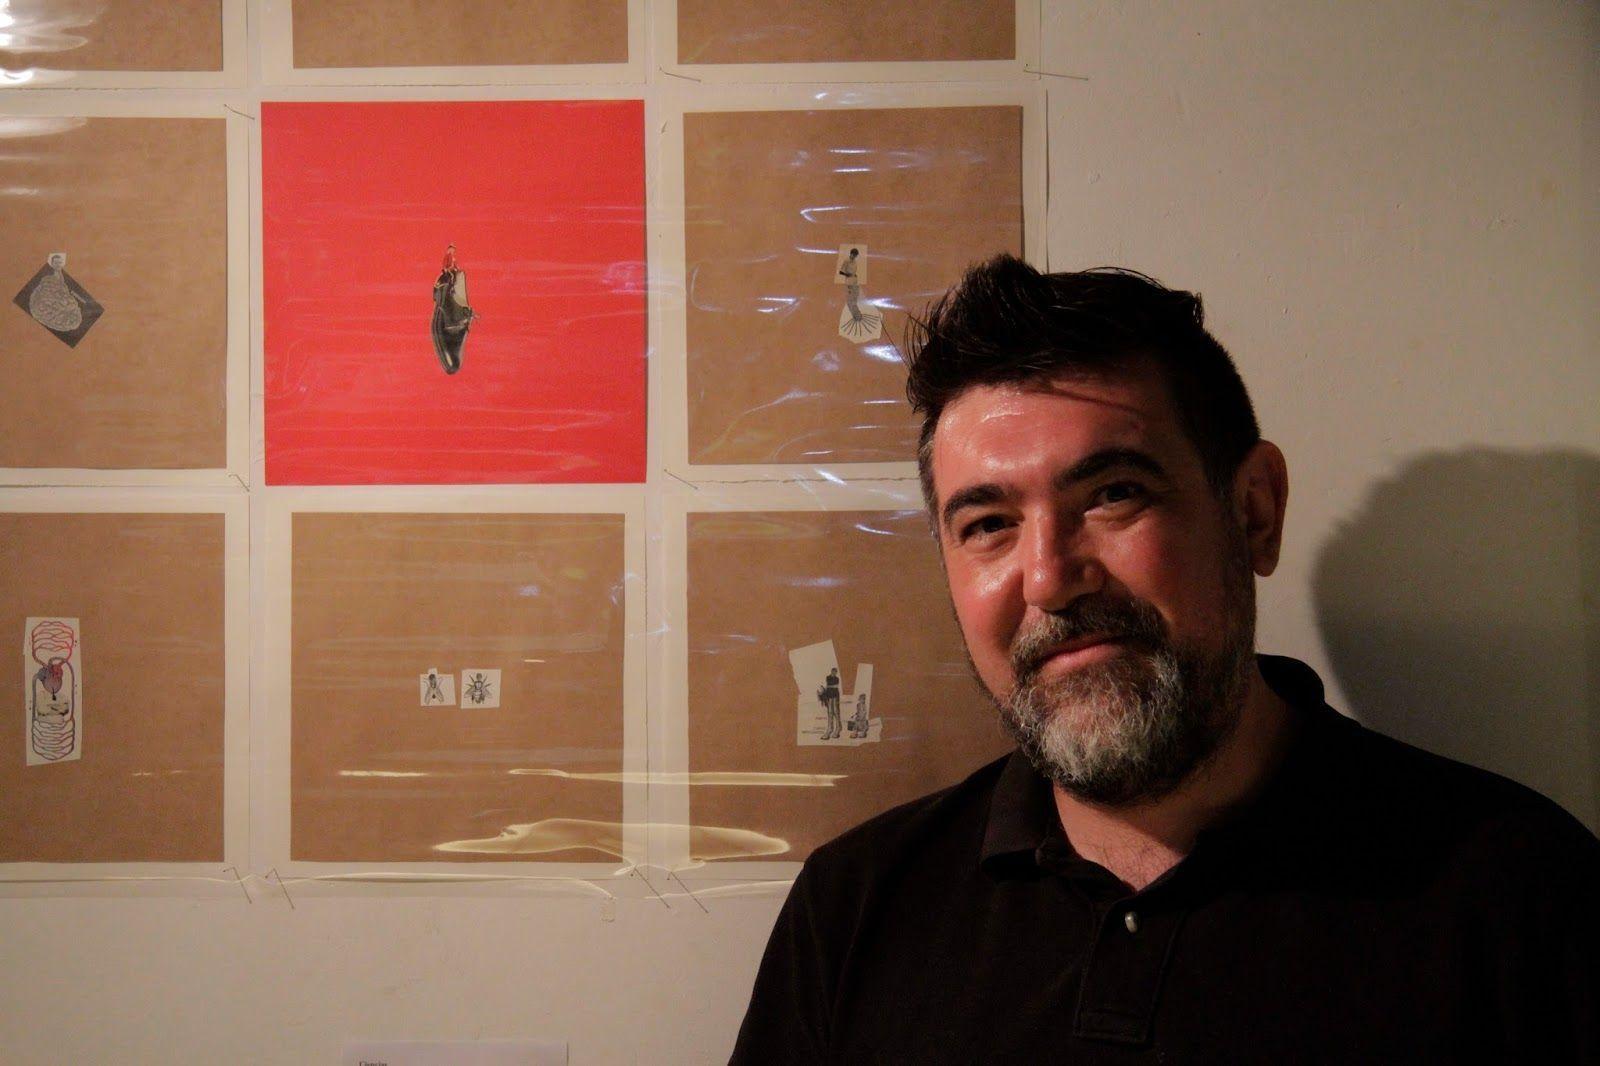 El Sr. García, poeta visual